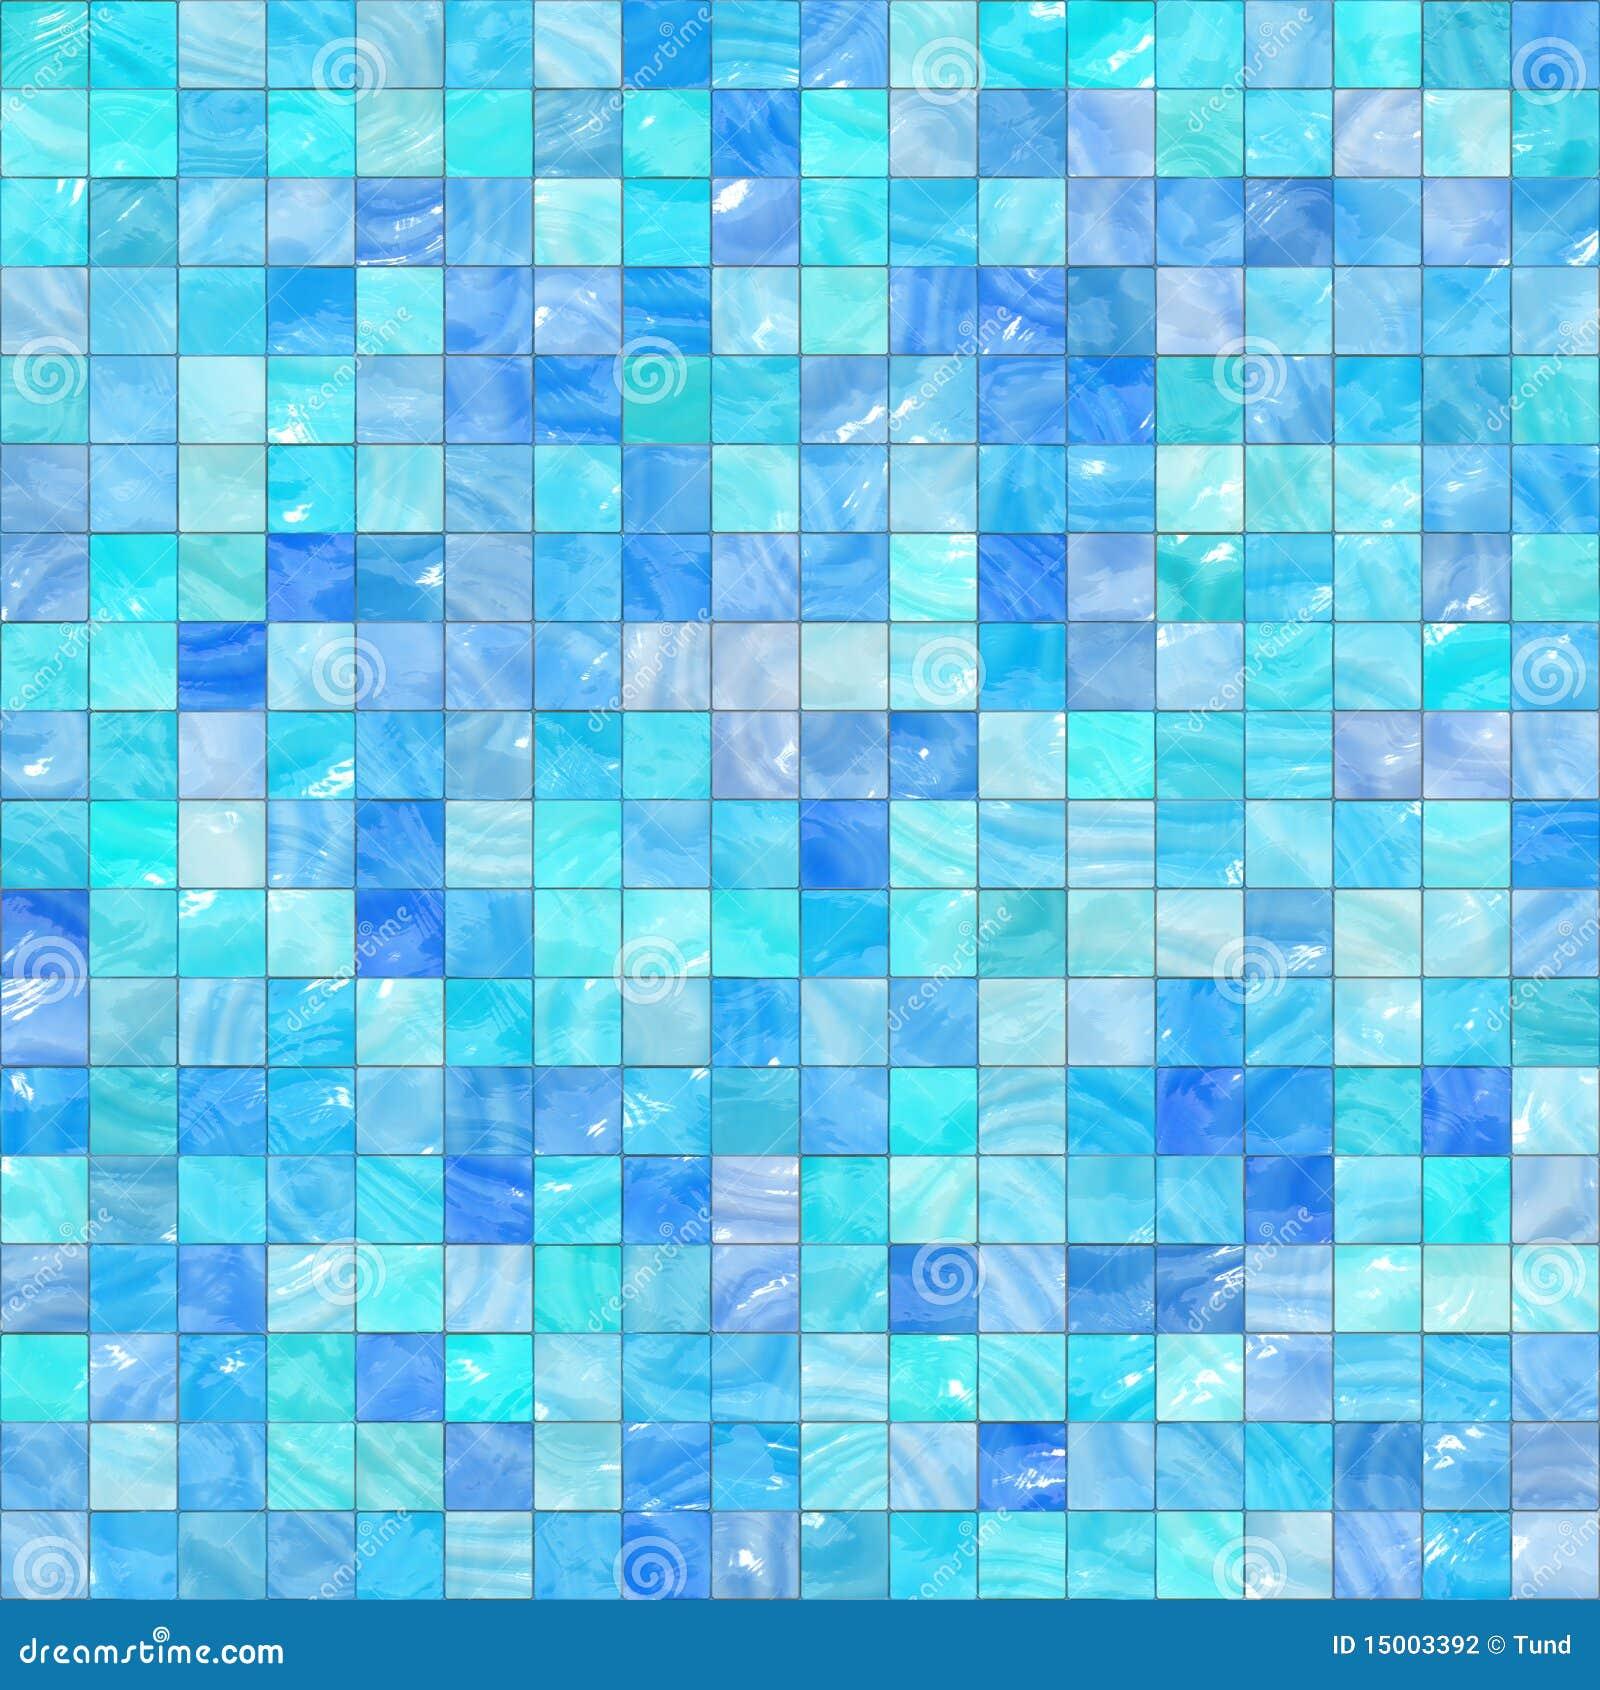 mosaque bleue - Mosaique Turquoise